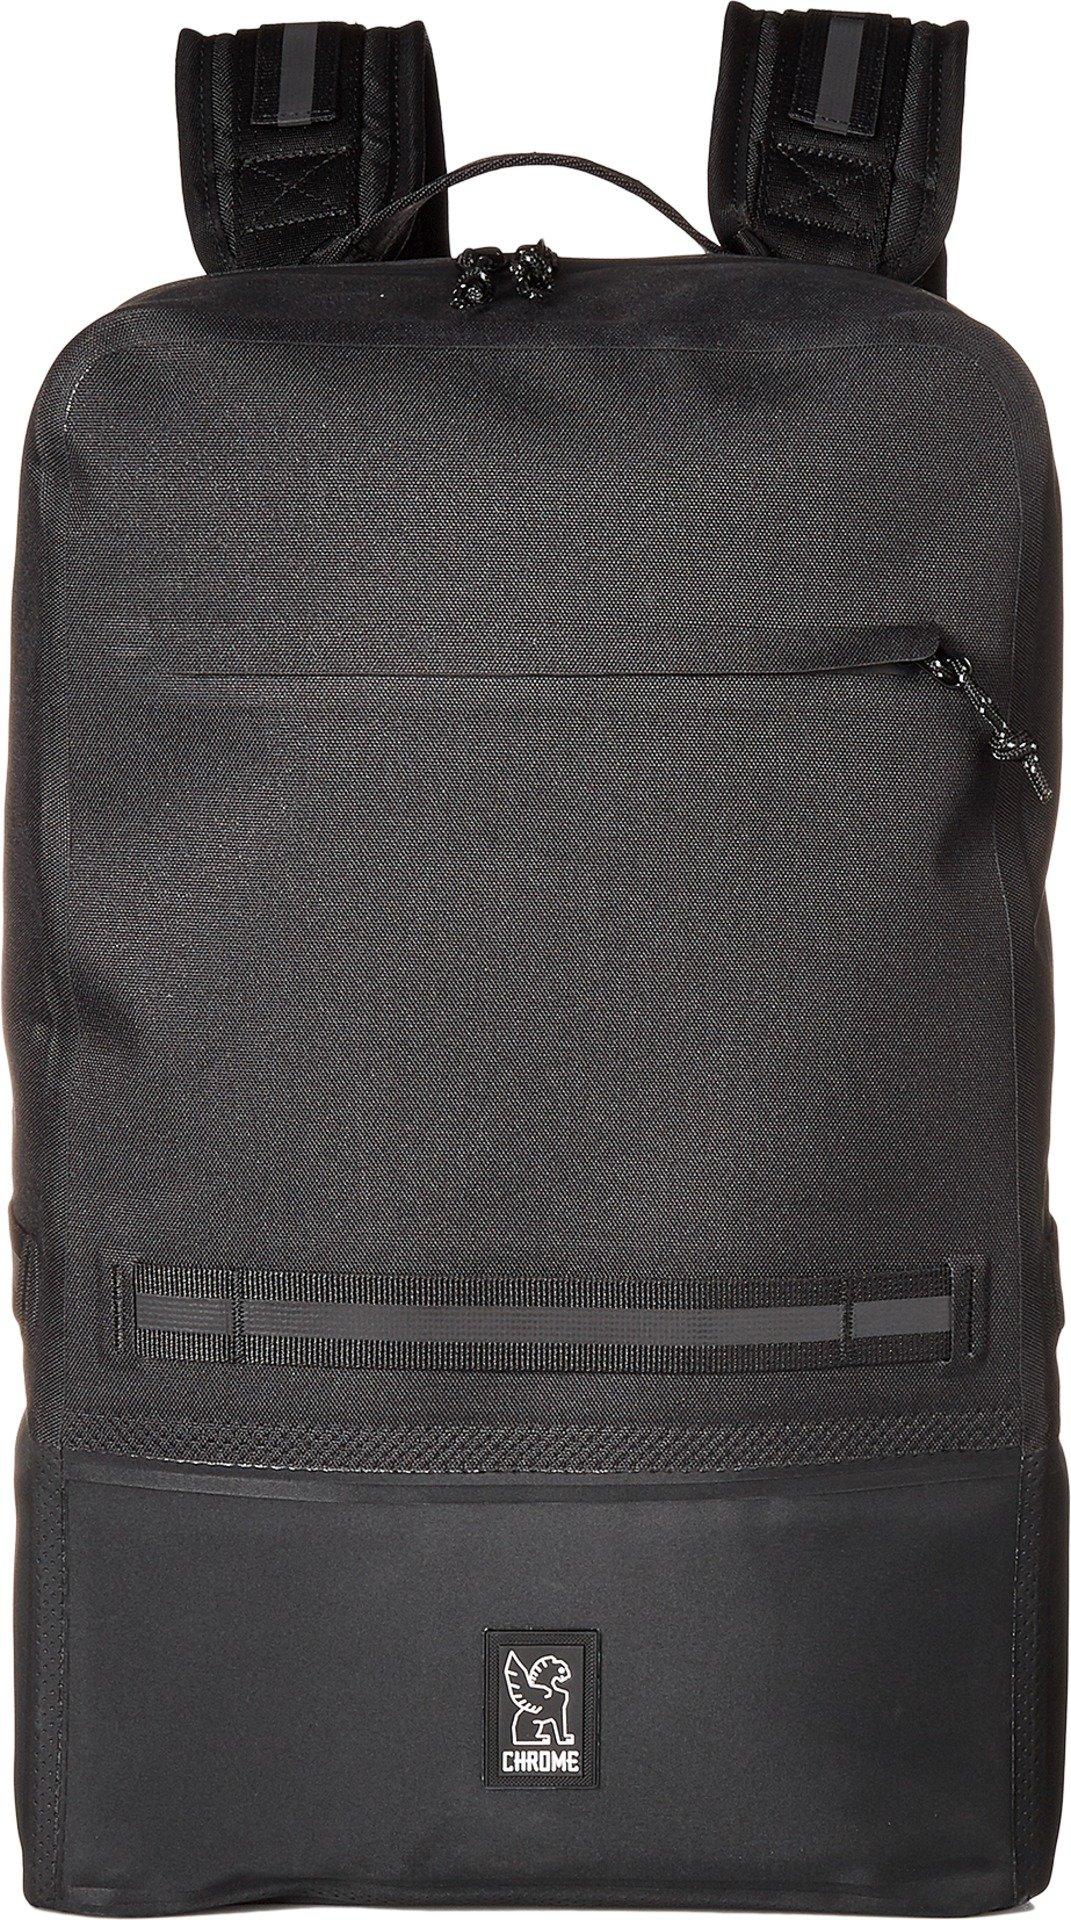 Chrome BG-224-BKBK Black 18L Urban Ex Daypack Backpack